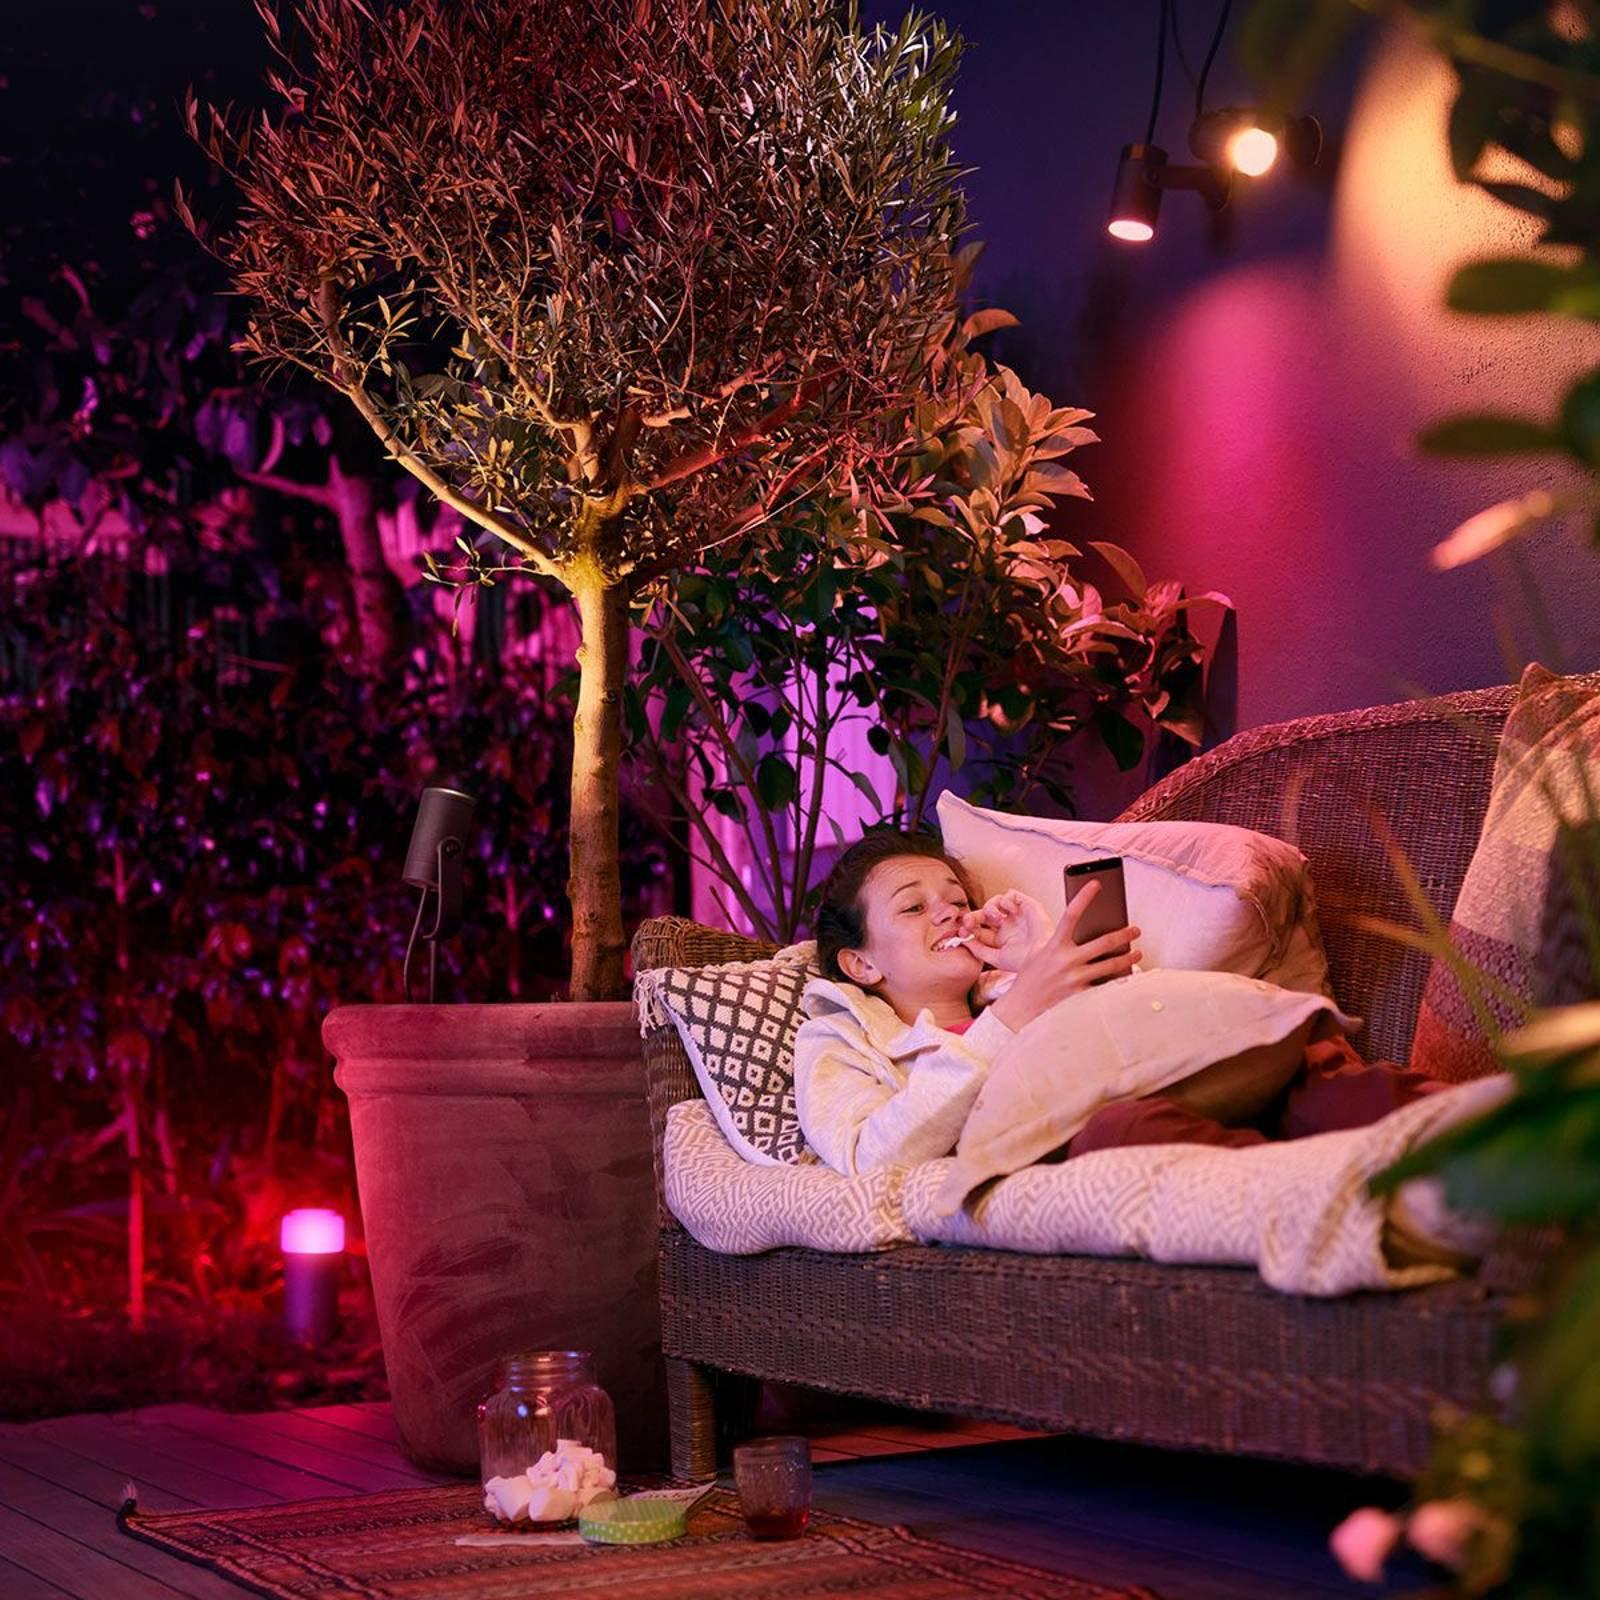 Philips Hue LED-spot Lily for utvidelse, 1 lys